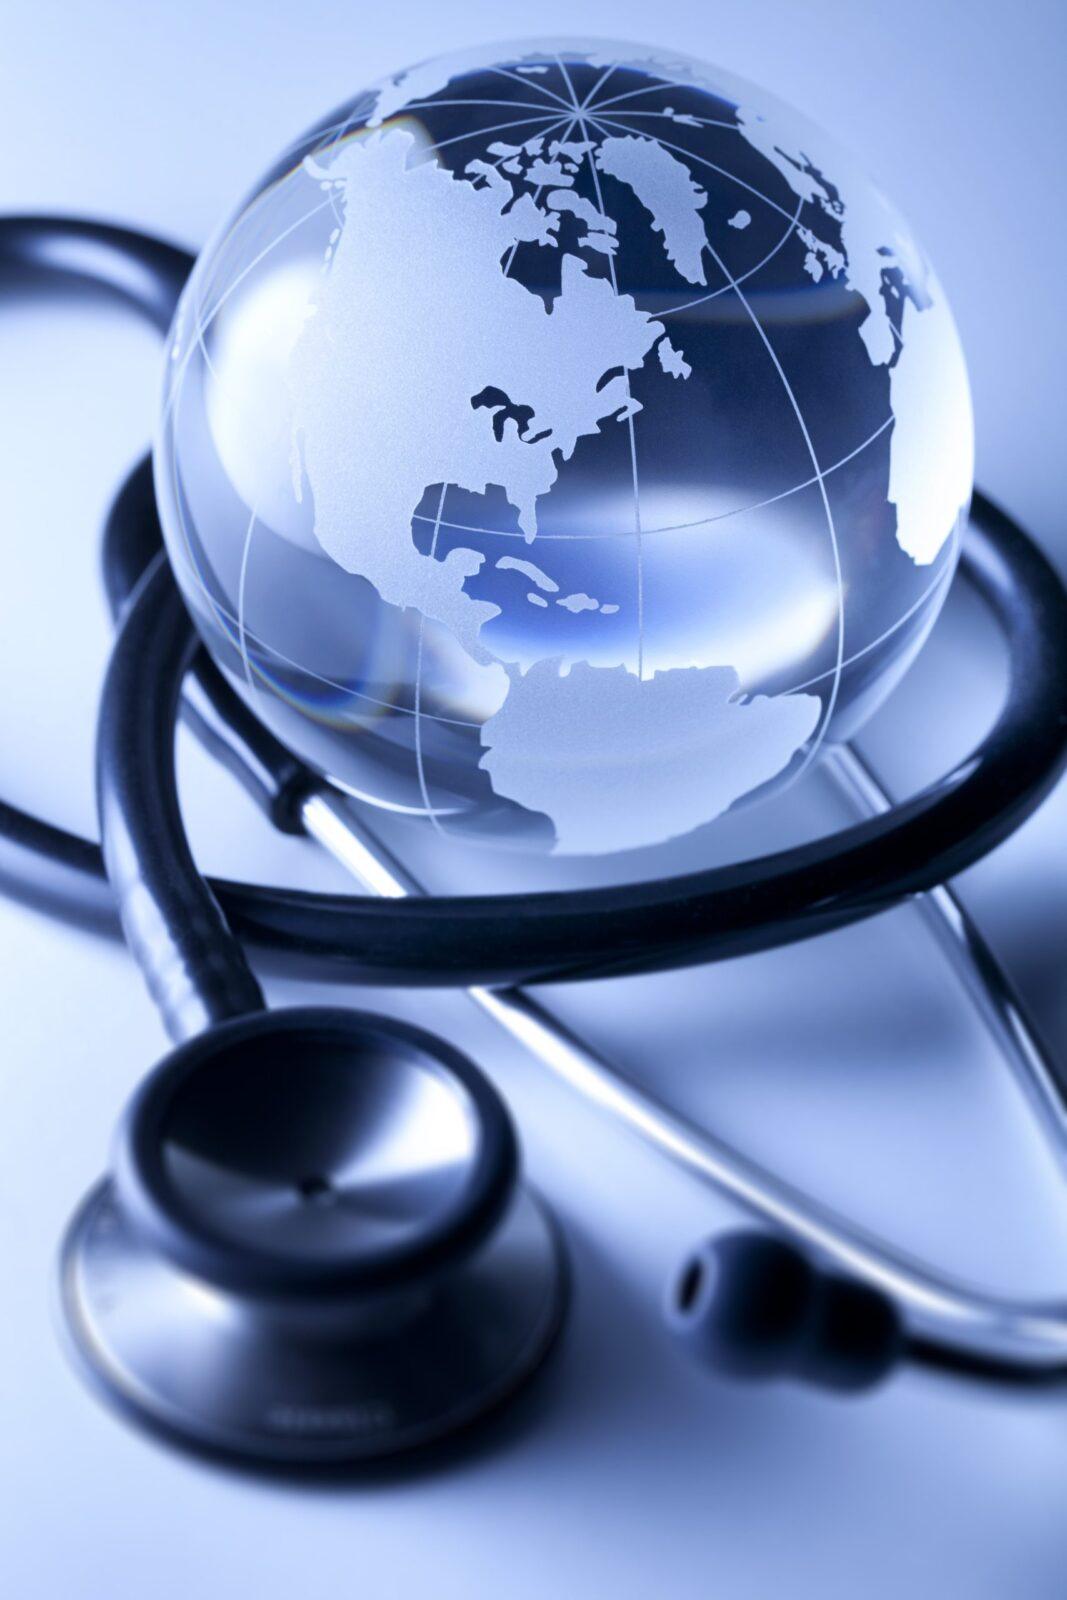 Liver Transplant - Global healthcare